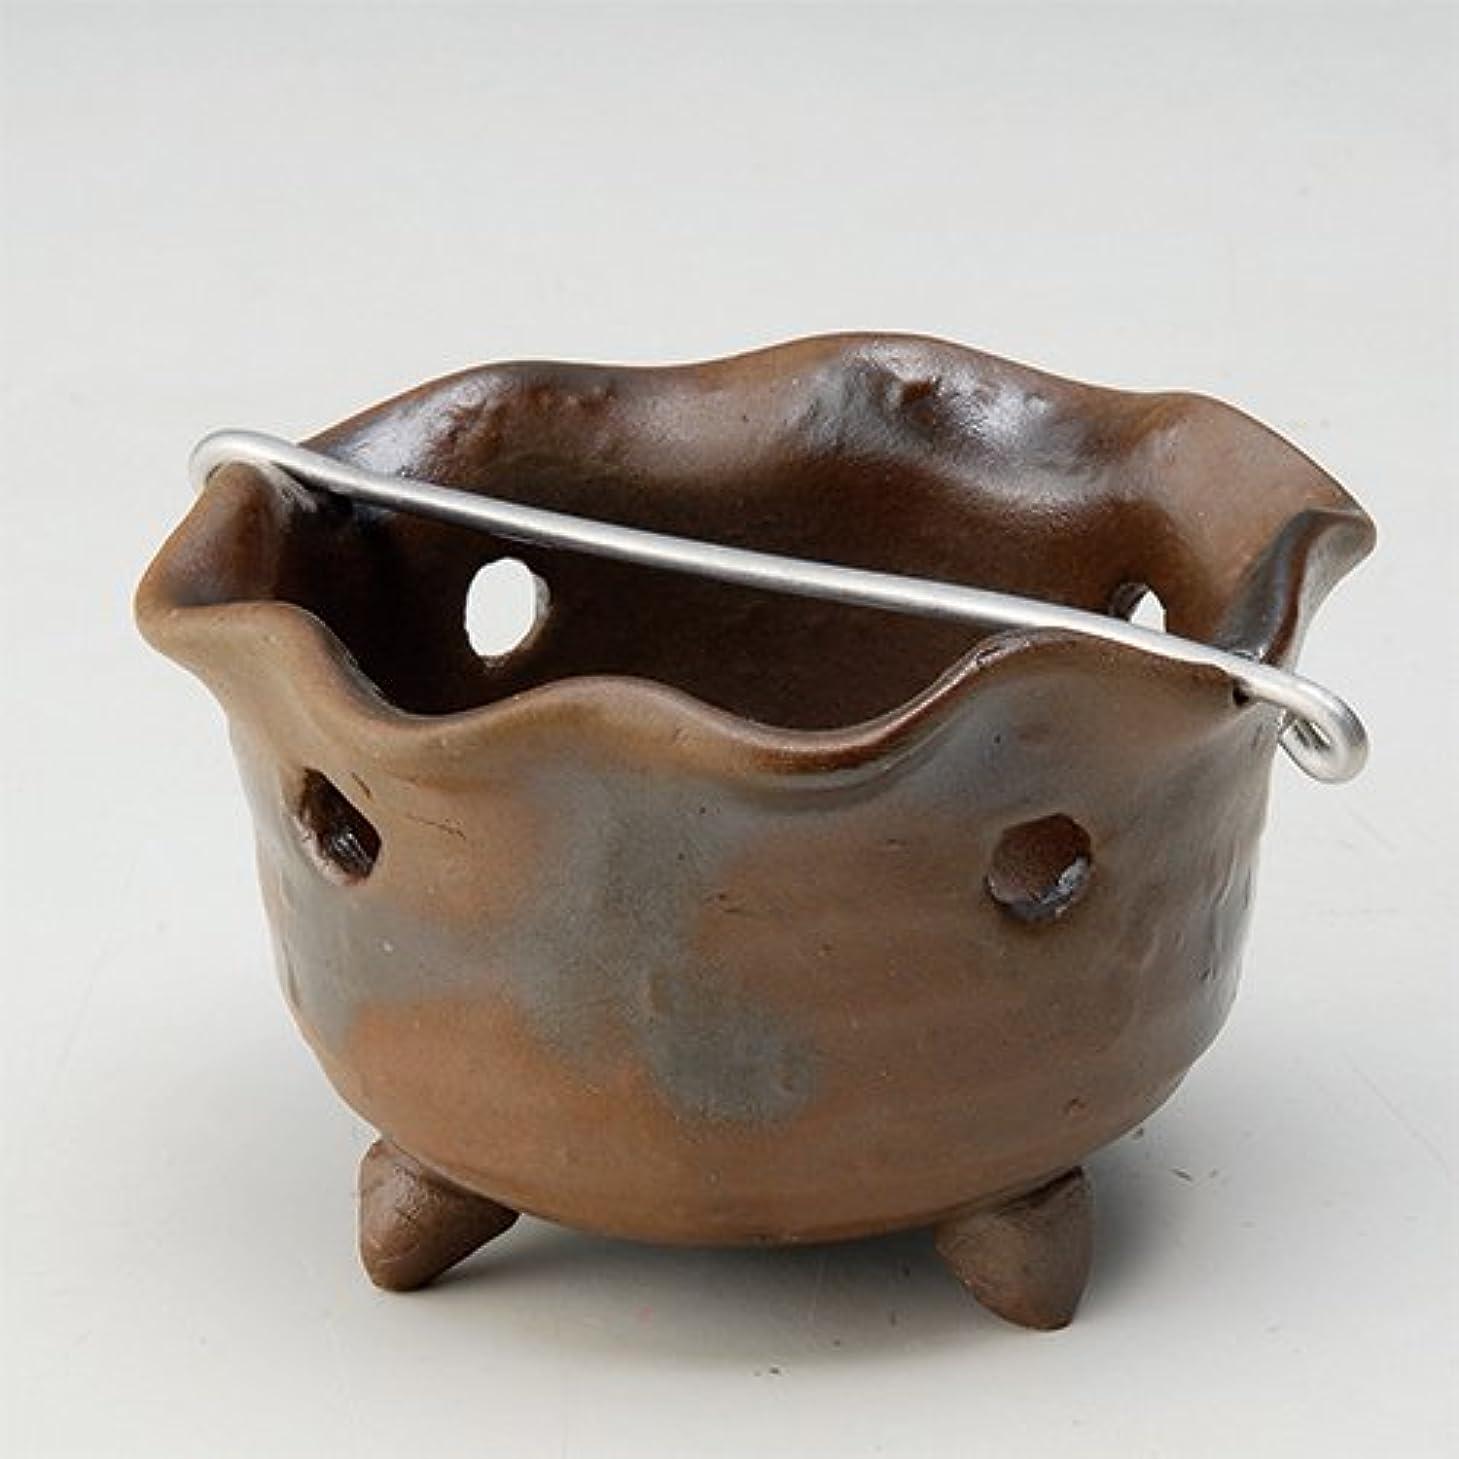 時折終了するアウター香皿 窯変 花型 香鉢 [R8.5xH5.3cm] HANDMADE プレゼント ギフト 和食器 かわいい インテリア